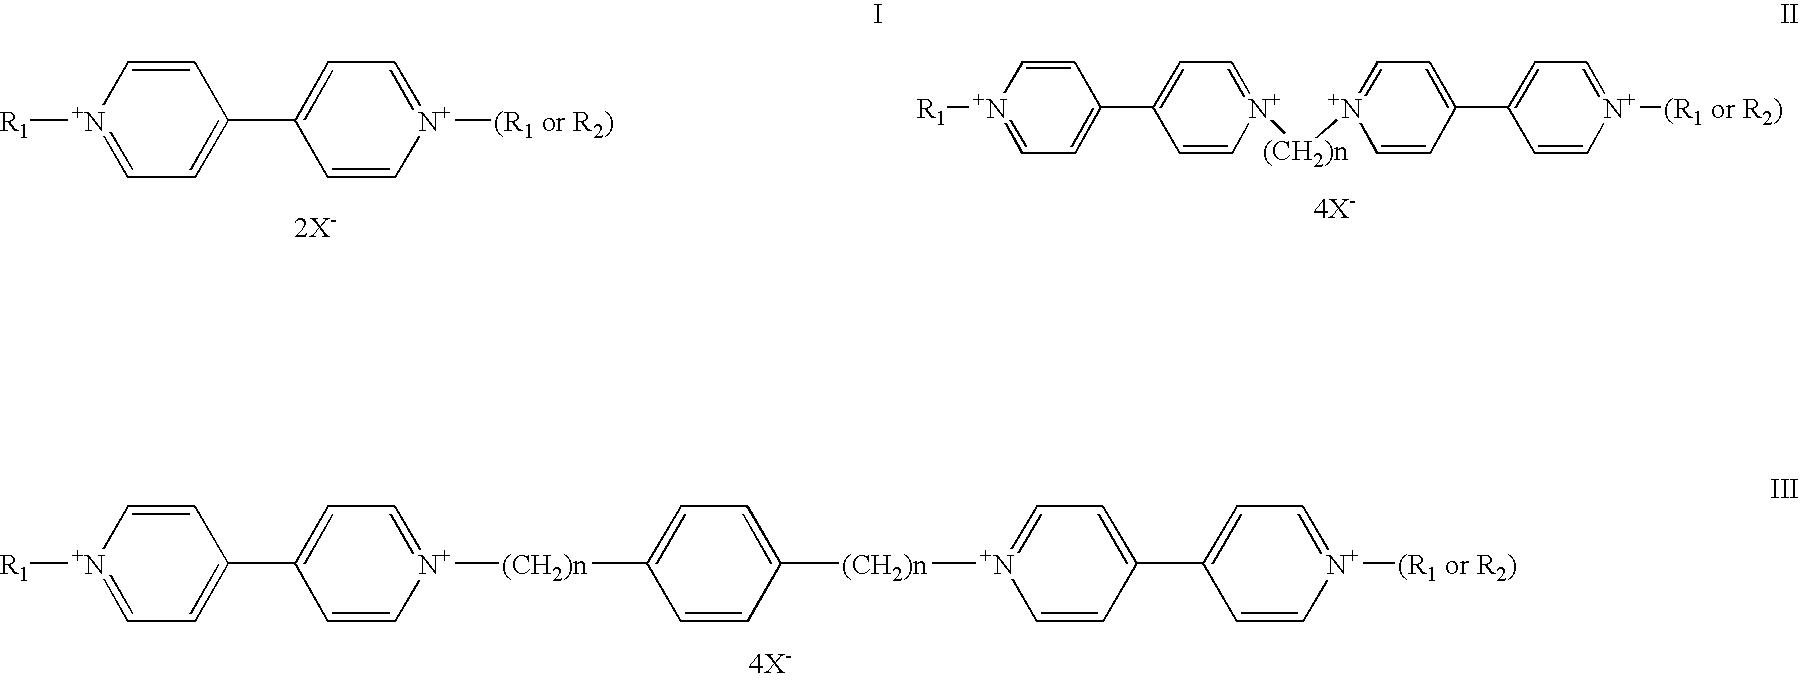 Figure US20070171148A1-20070726-C00001